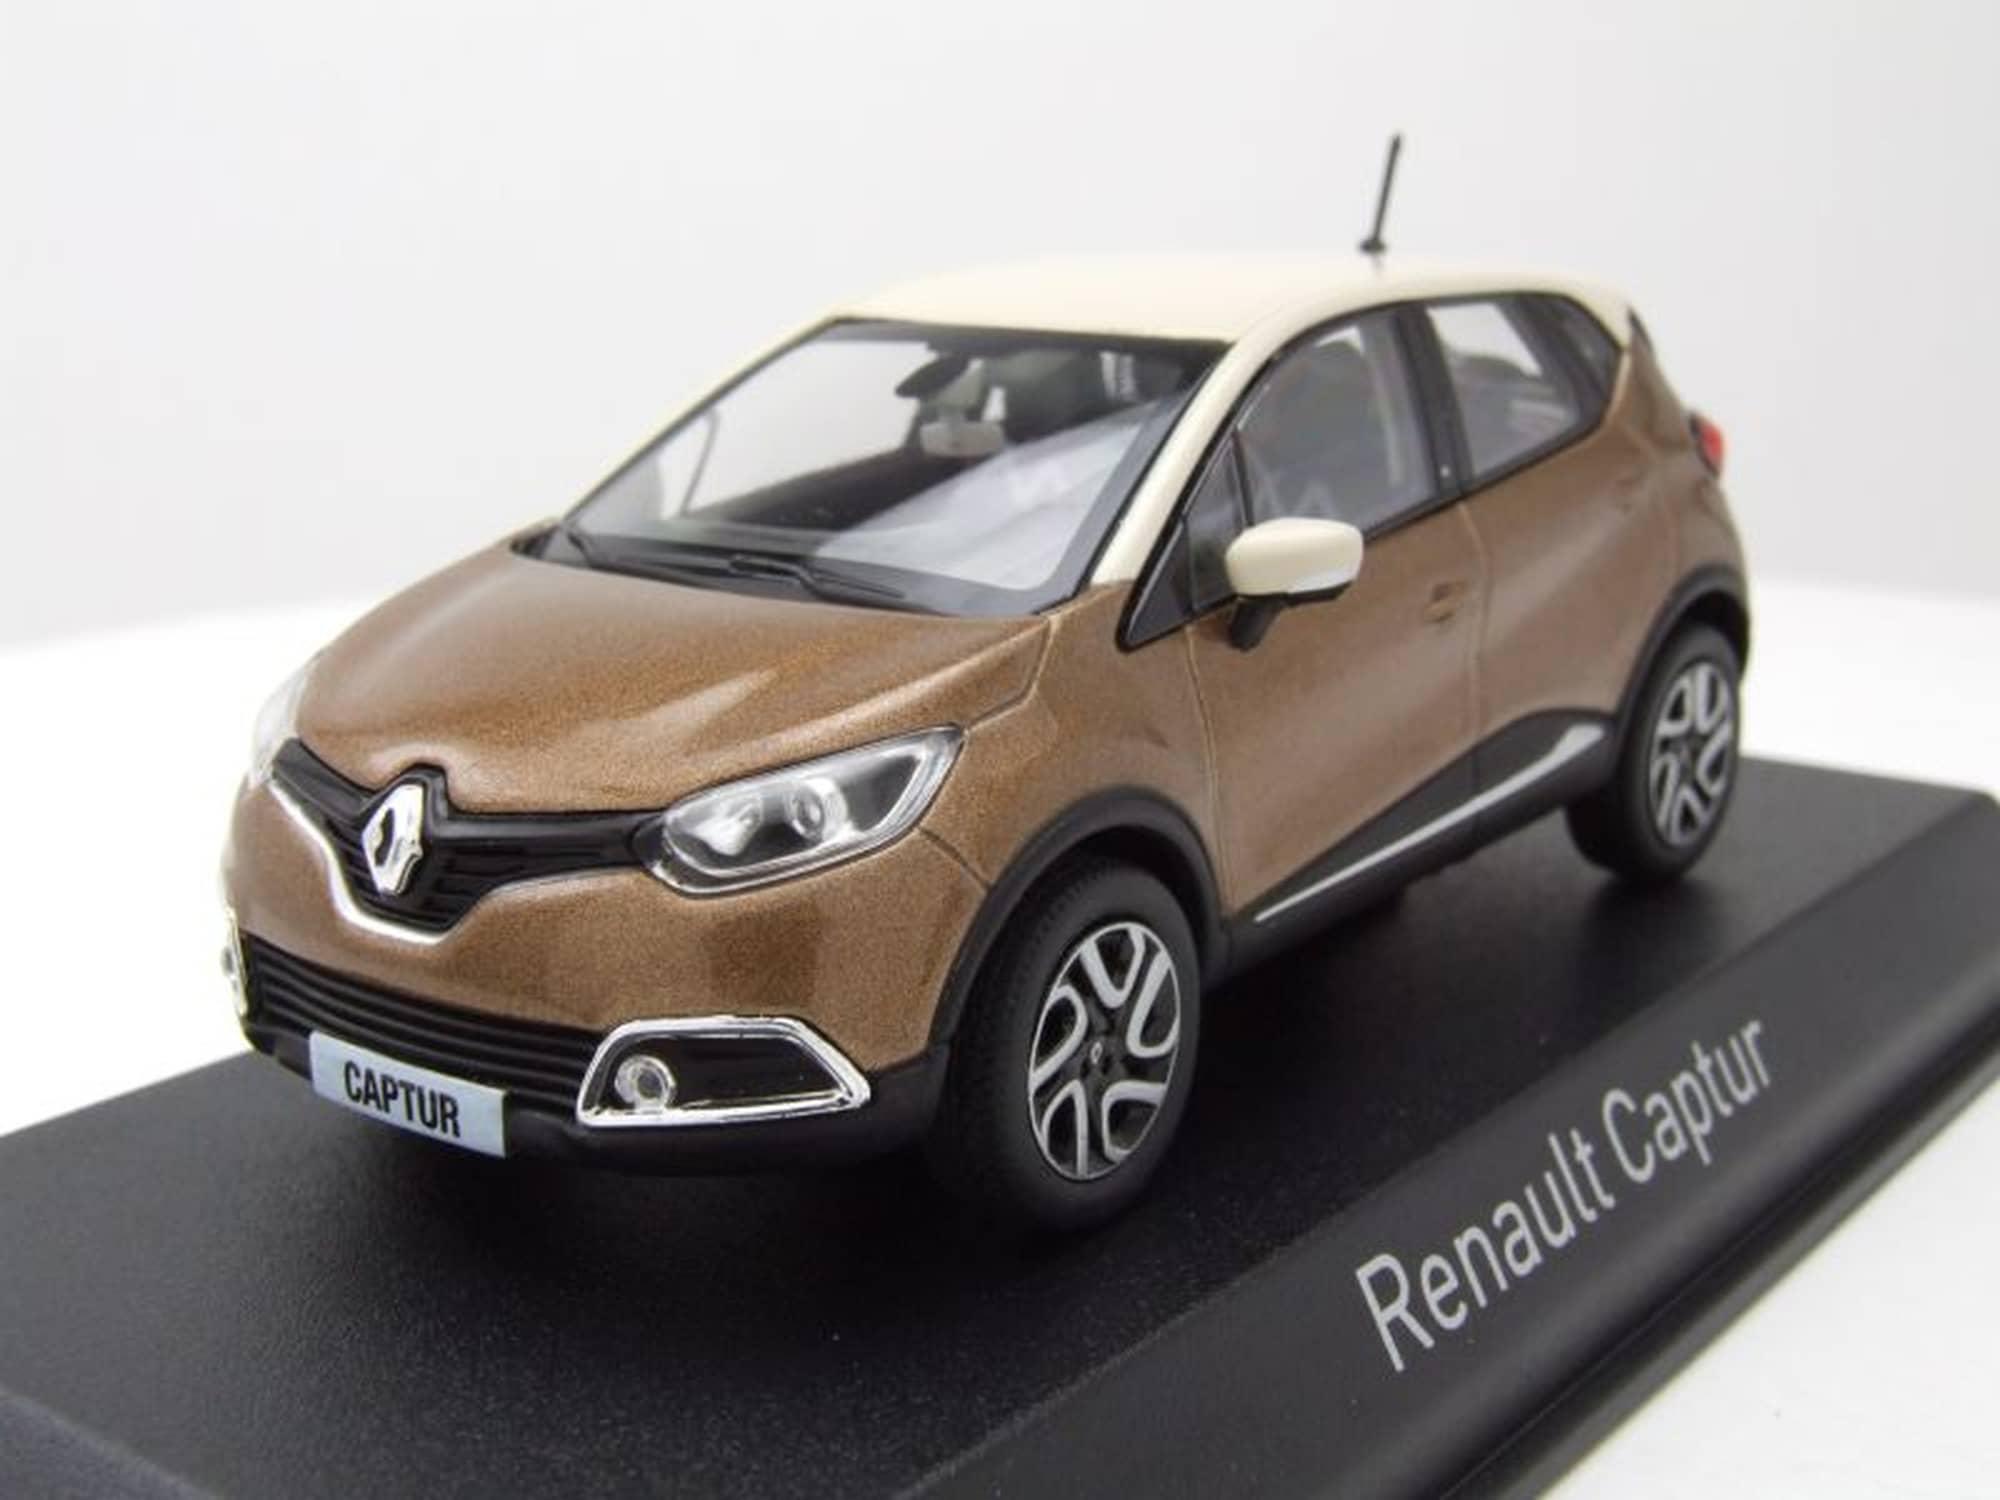 43_Renault_Captur_a